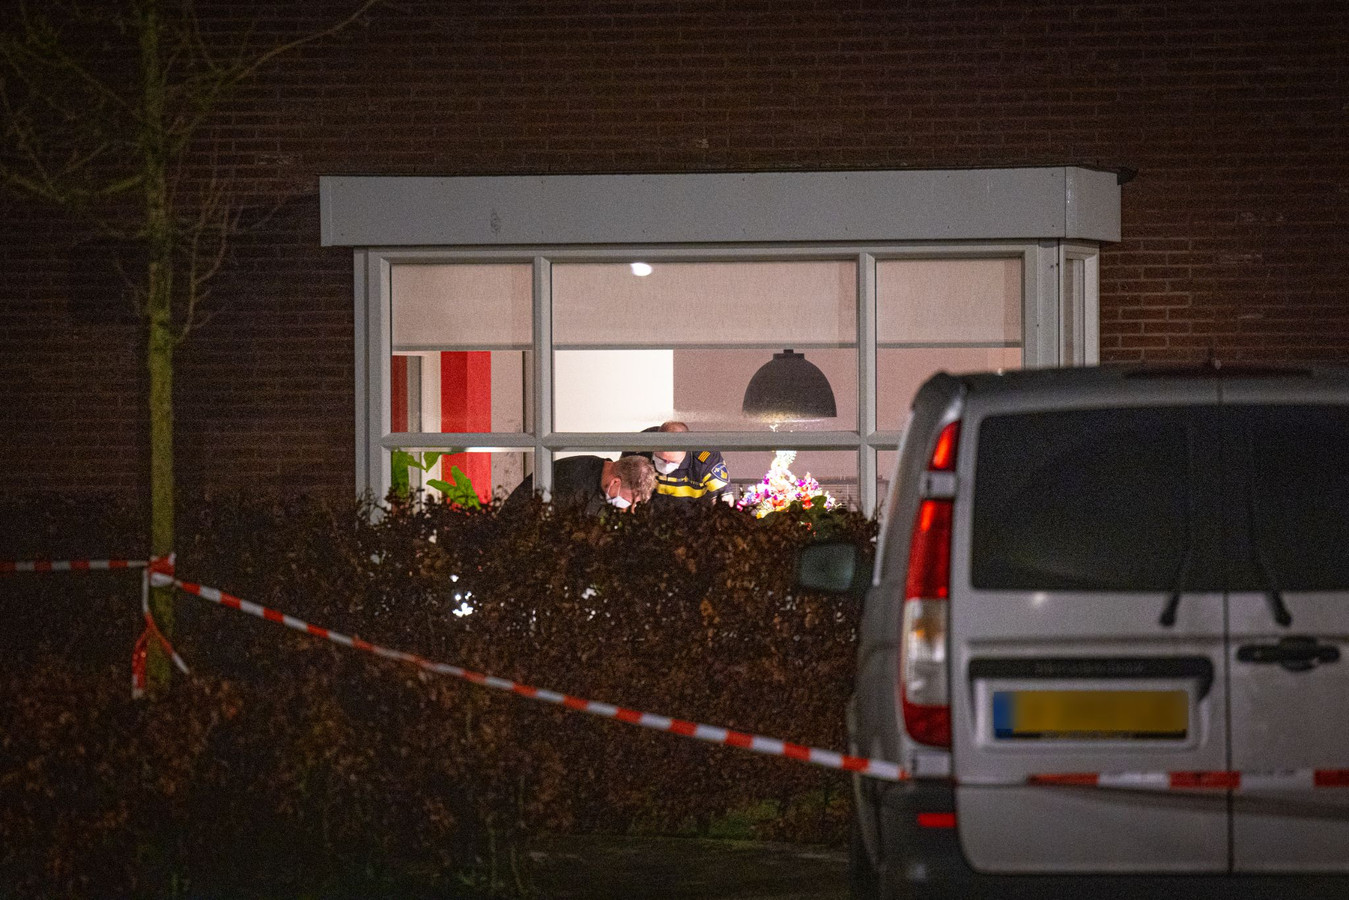 Politie in het huis waar de overval heeft plaatsgevonden.